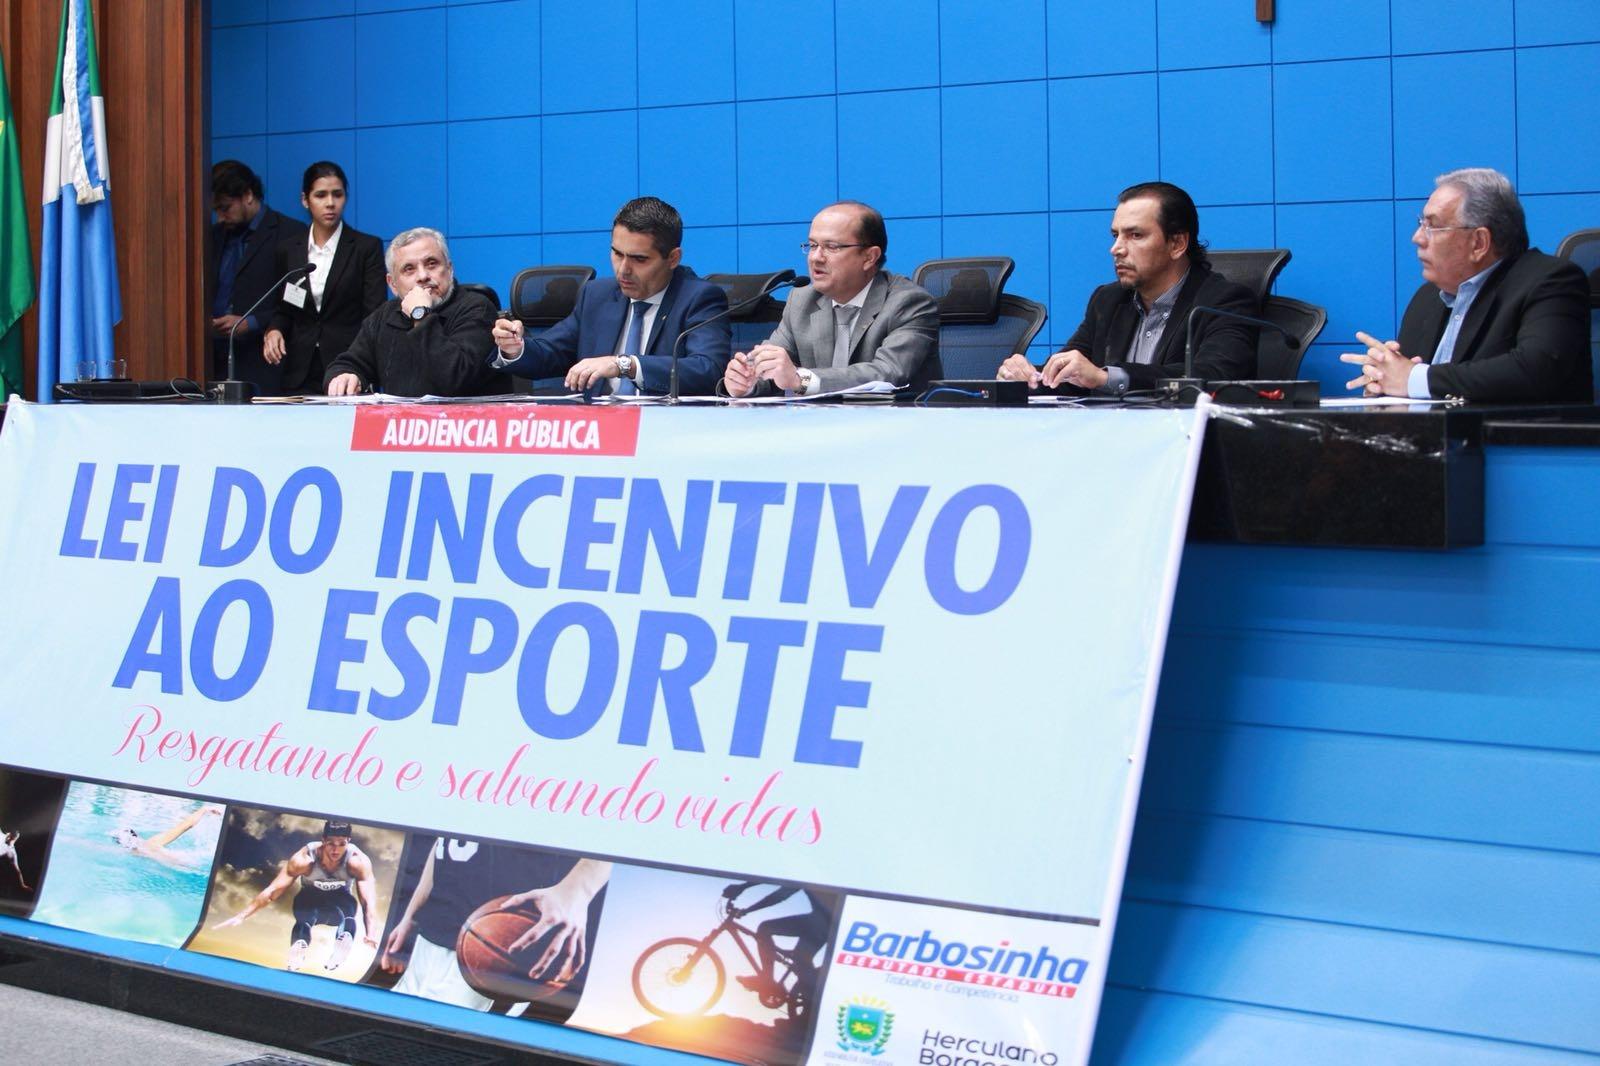 Deputado Barbosinha comanda audiência pública que pede incentivos ao esporte. Fotos: João Garrigó